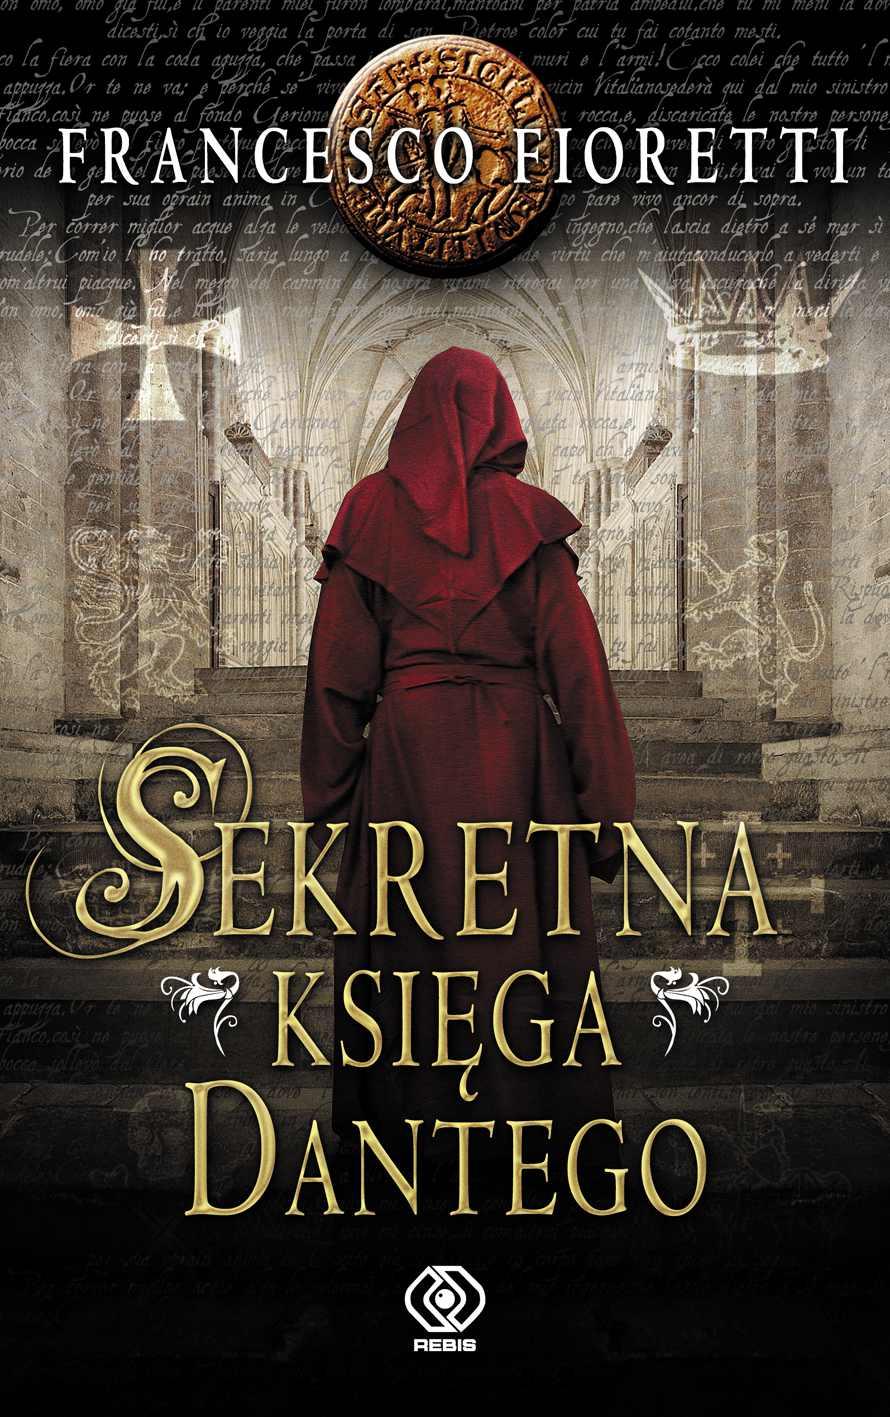 Sekretna księga Dantego - Ebook (Książka EPUB) do pobrania w formacie EPUB